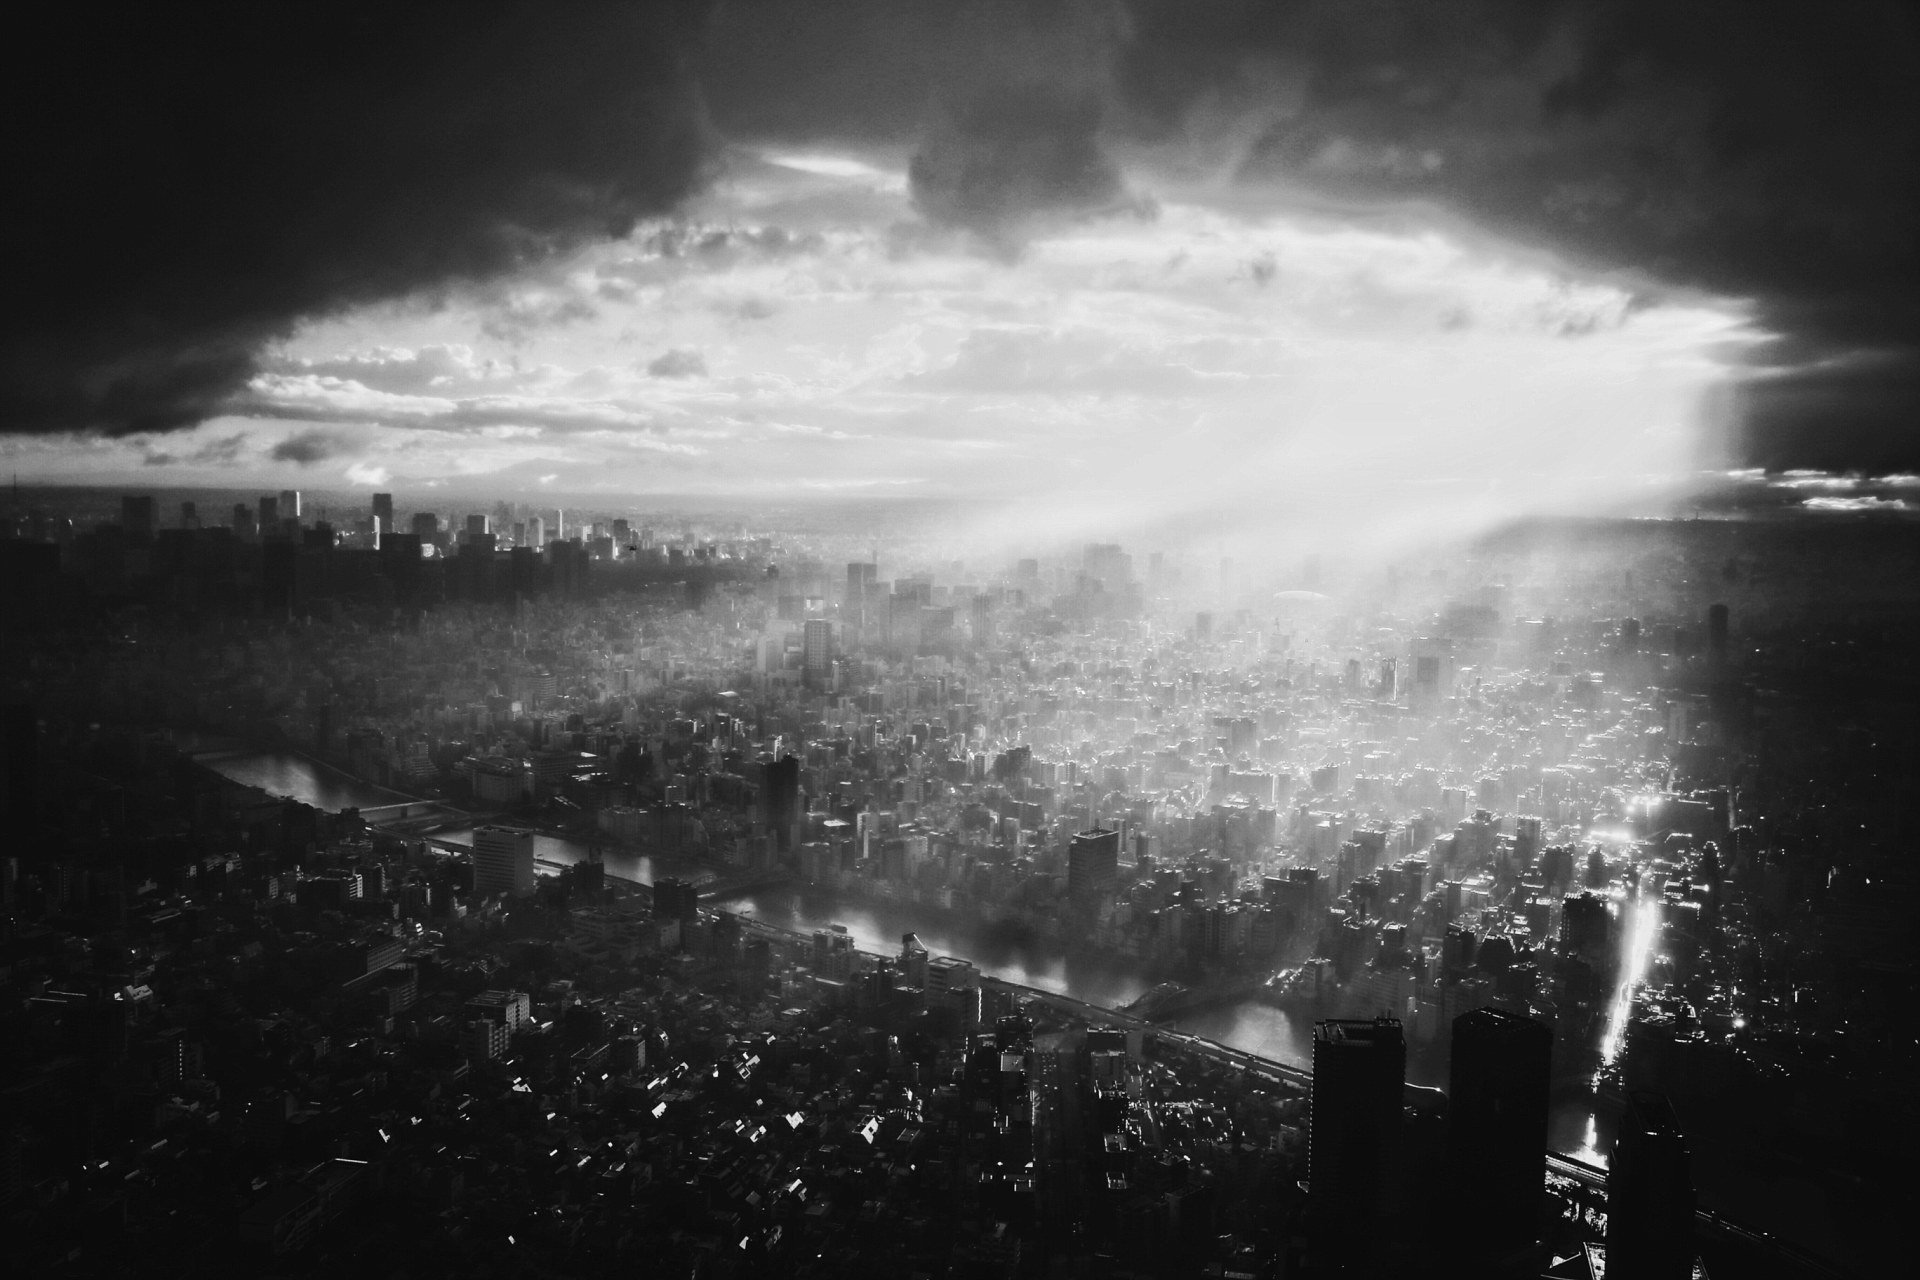 После тайфуна, Токио. Фотограф - Чжаотин Ву Sony World Photography, Sony World Photography Awards 2018, лауреаты, лучшие фото, лучшие фотографии, победители, победители конкурса, фотоконкурс